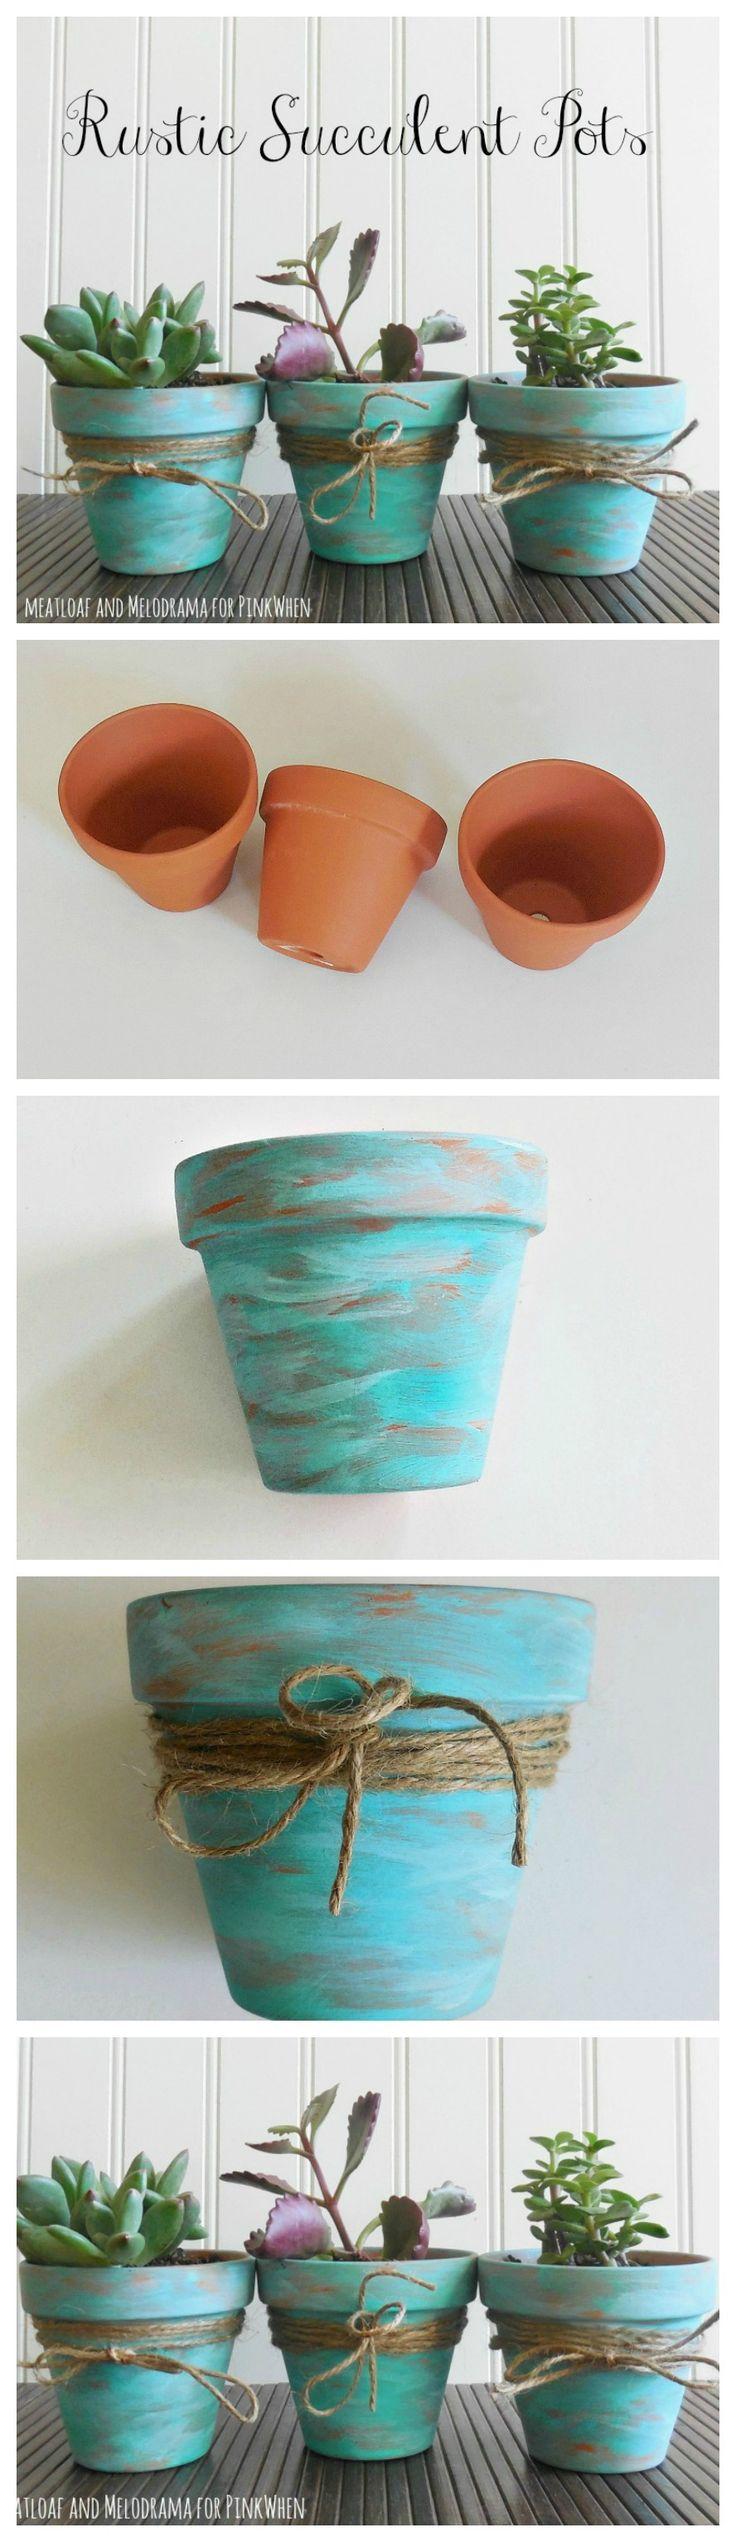 Idée sympa et simple pour relooker les pots en terre.